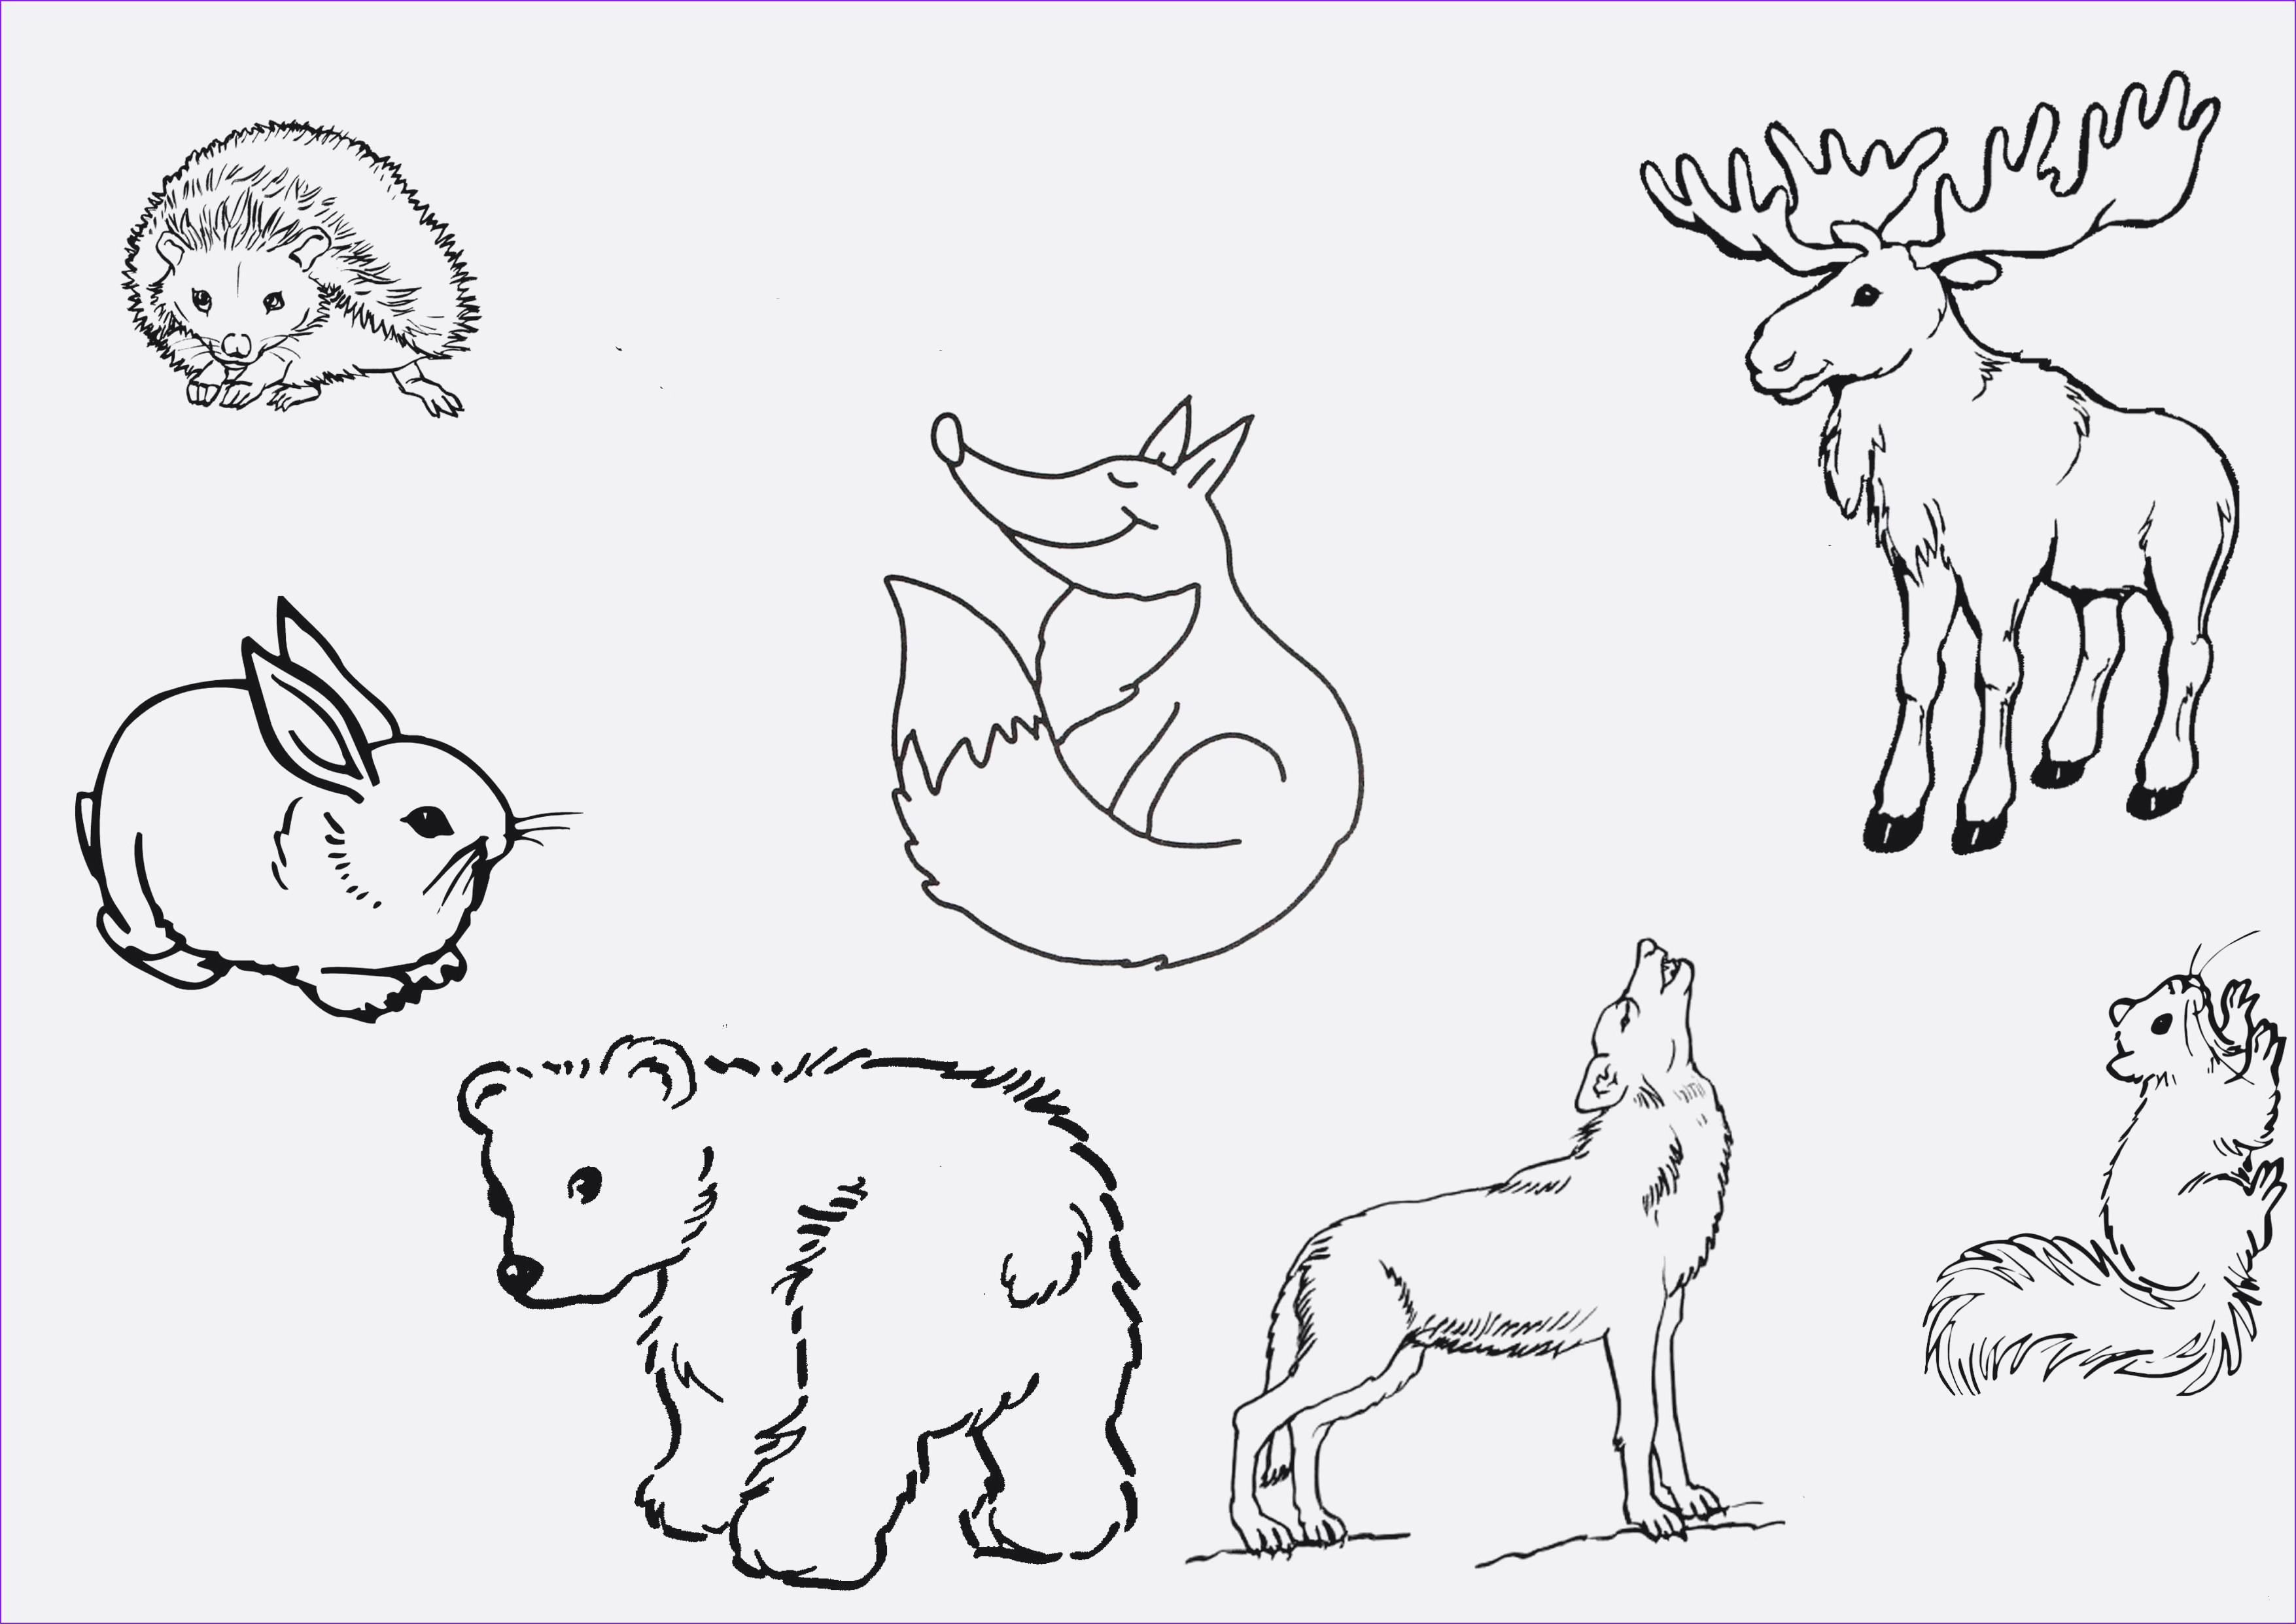 Ausmalbilder Tiere Im Wasser Einzigartig 24 Schön Bilder Zum Ausmalen Tiere – Malvorlagen Ideen Galerie